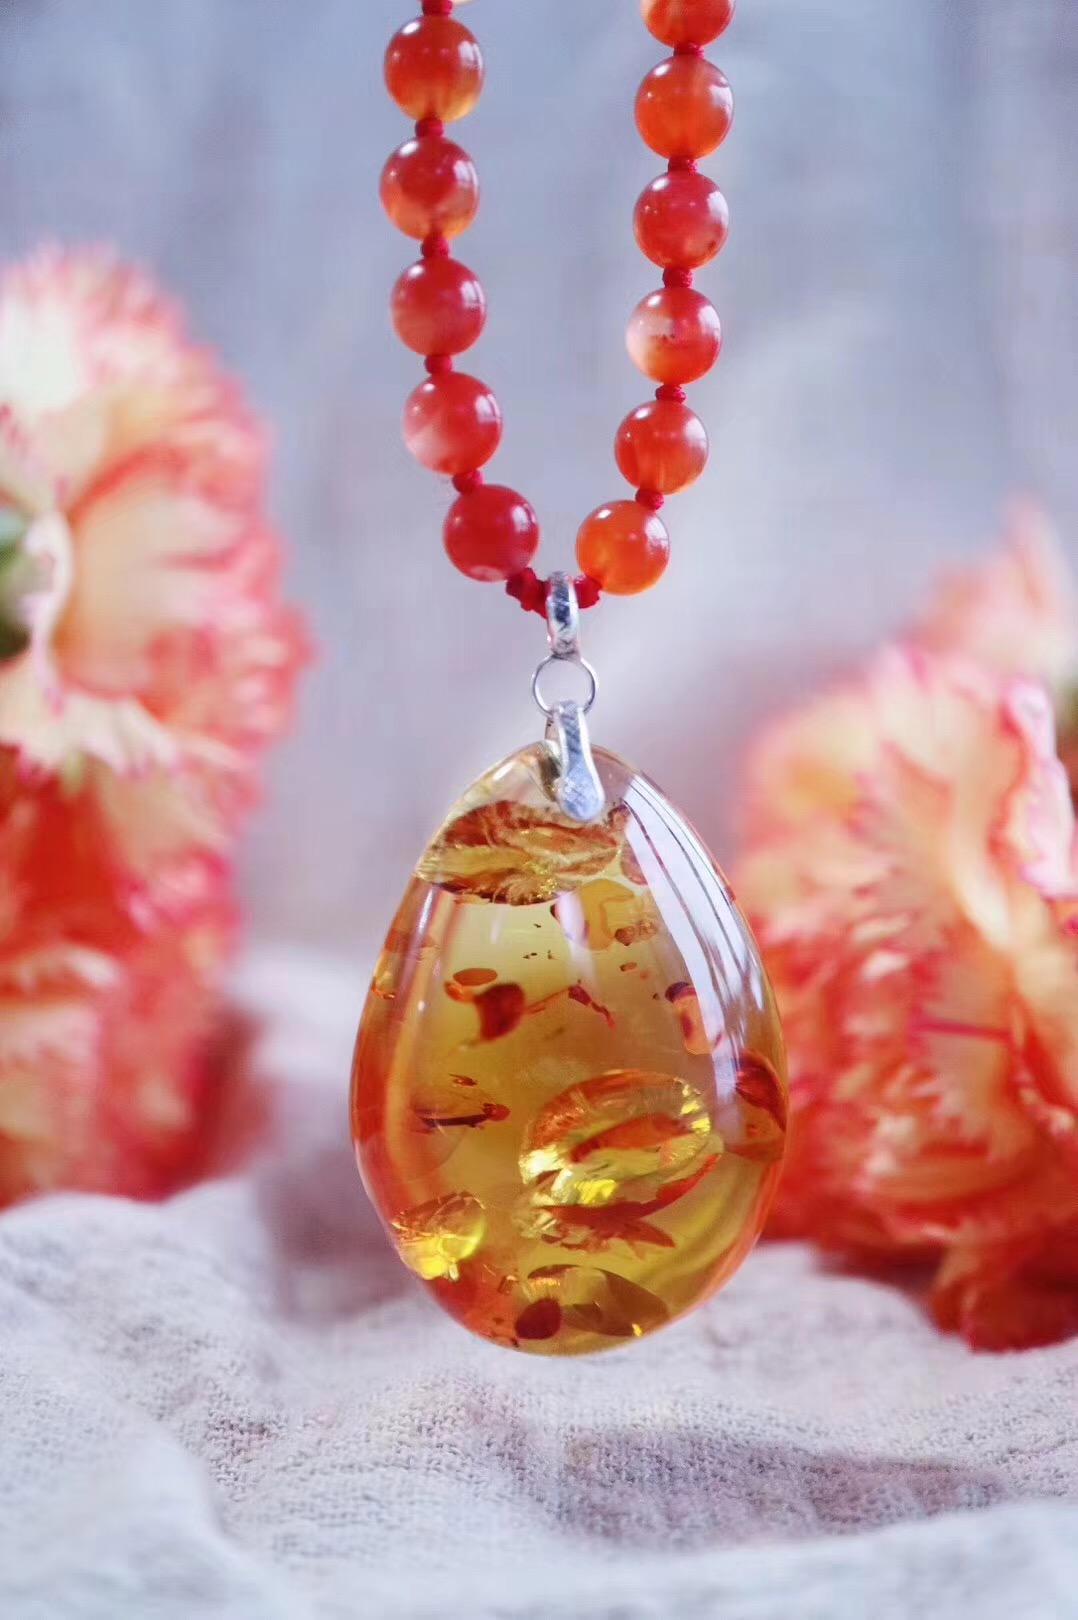 【菩心-花珀】最爱的花珀坠子,配以很特别的冰种保山南红-菩心晶舍